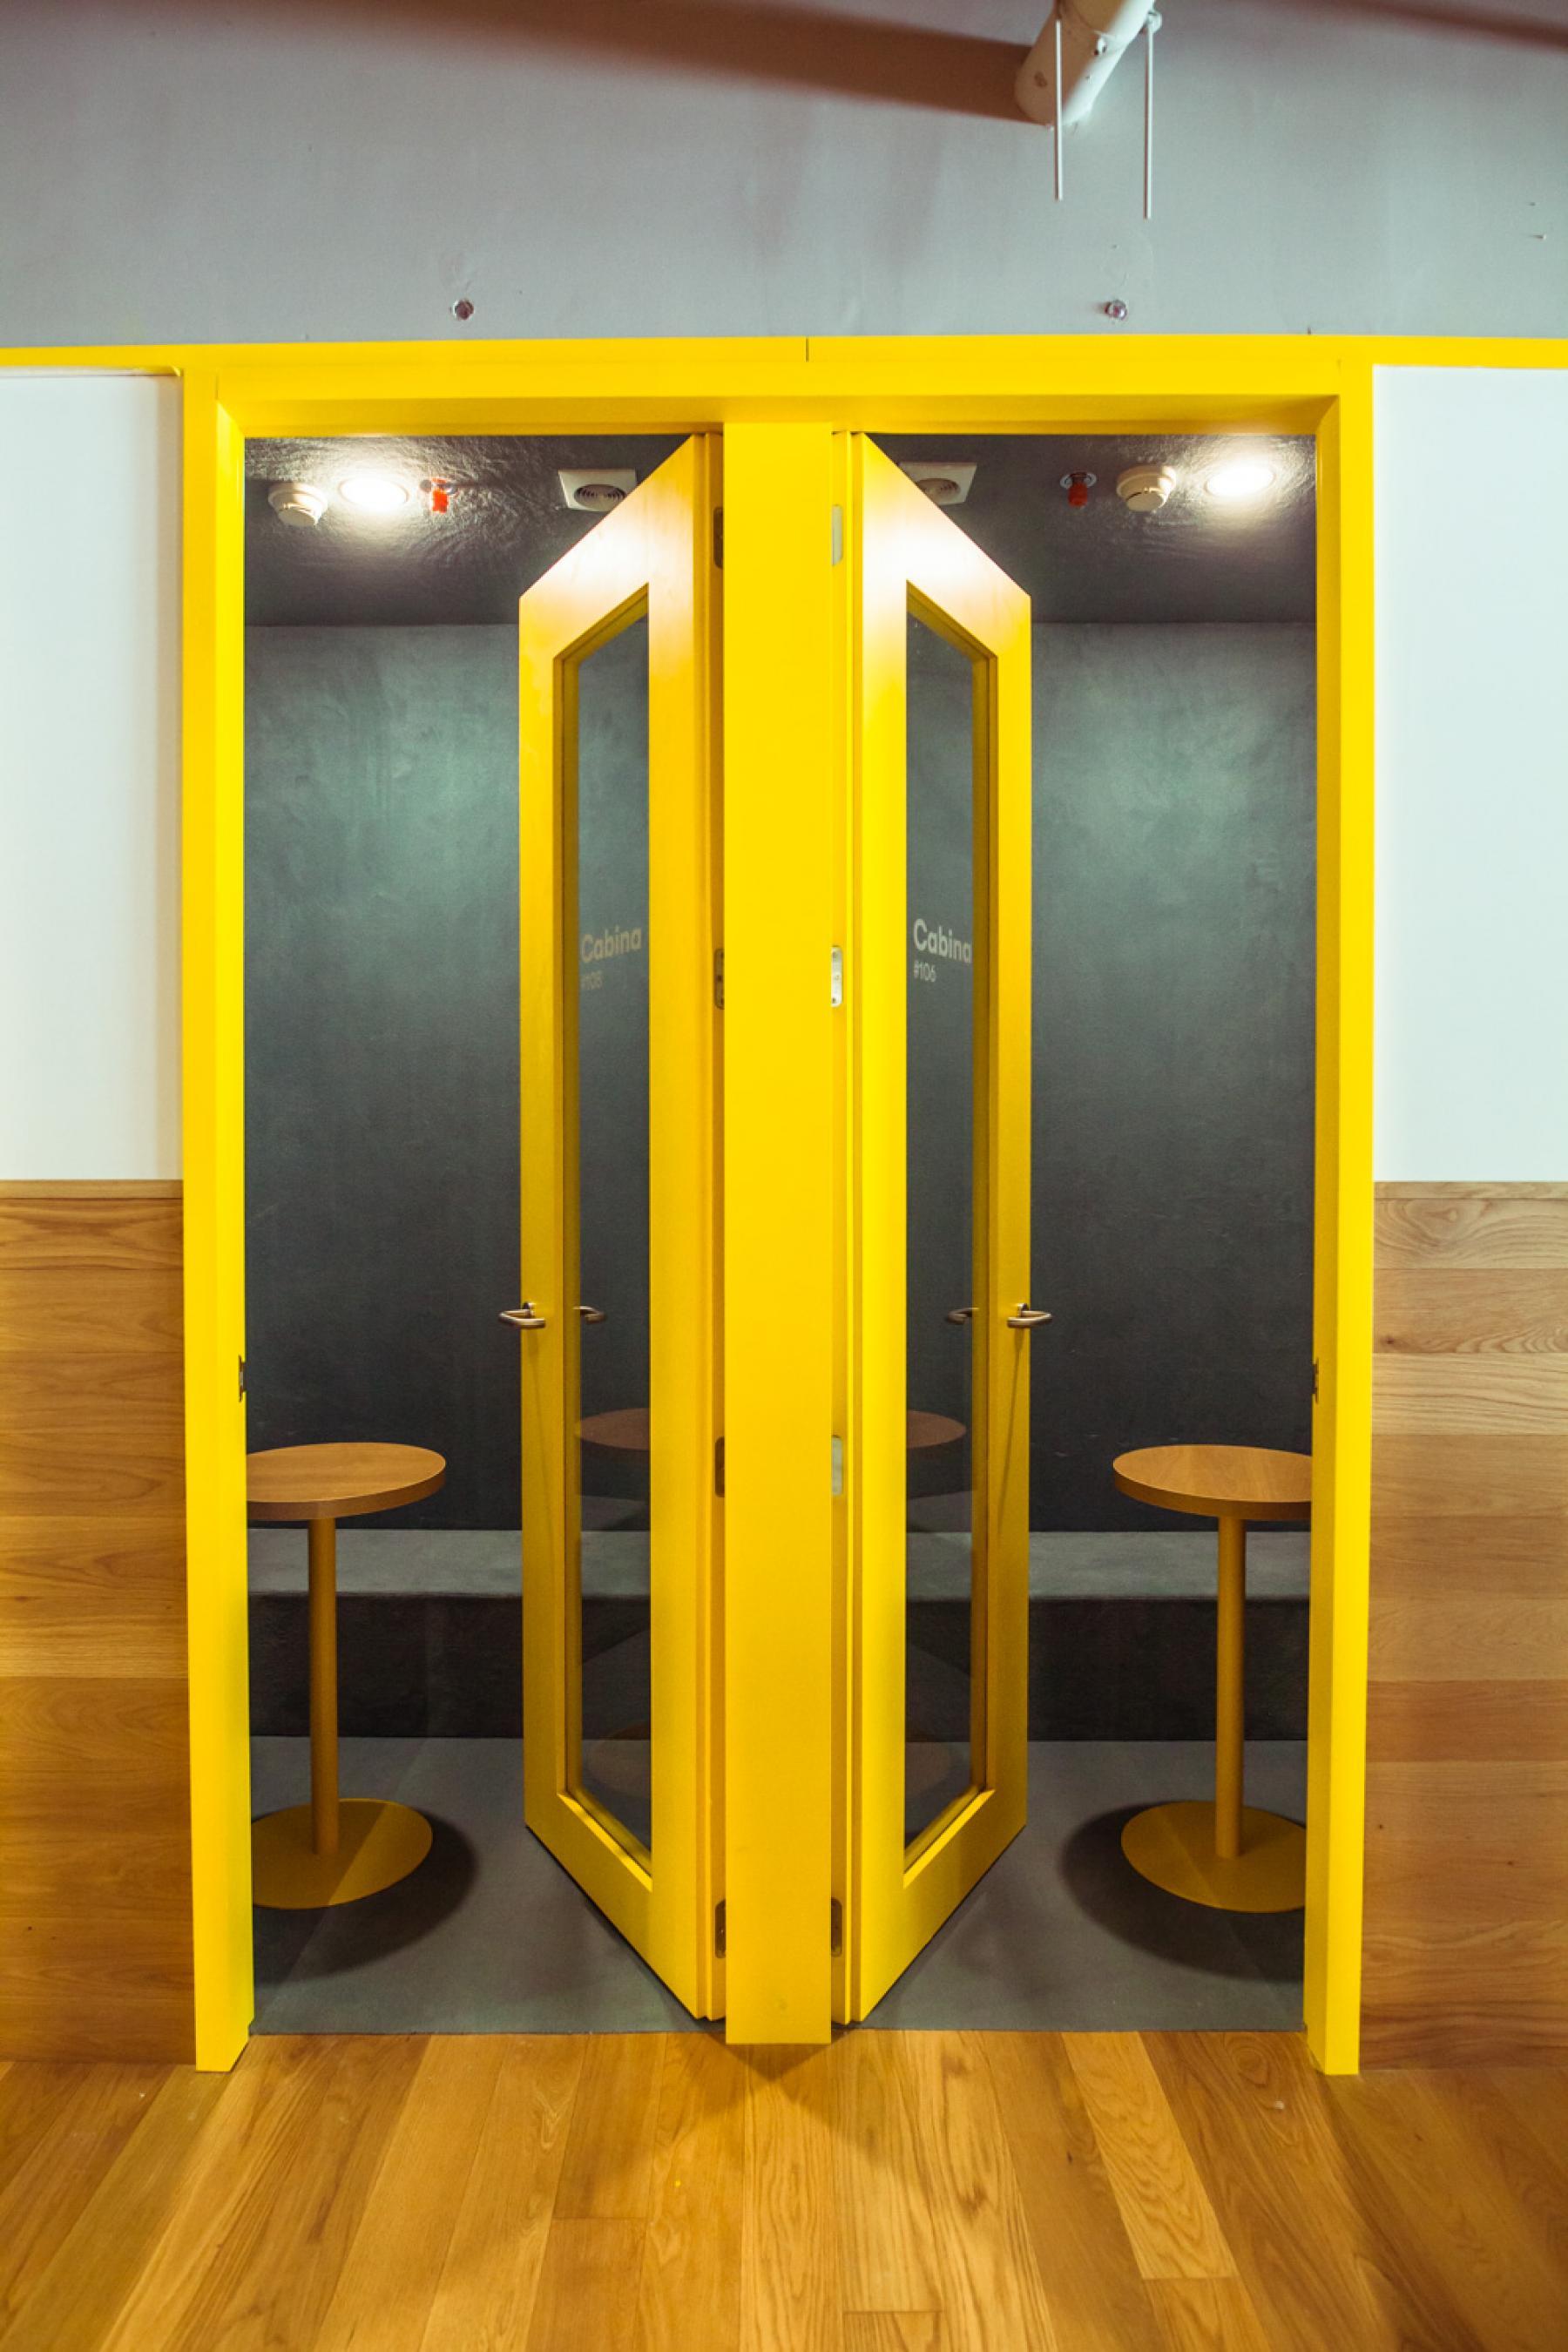 Alquilar oficinas Plaza Pablo Ruiz Picasso 1, Madrid (4)